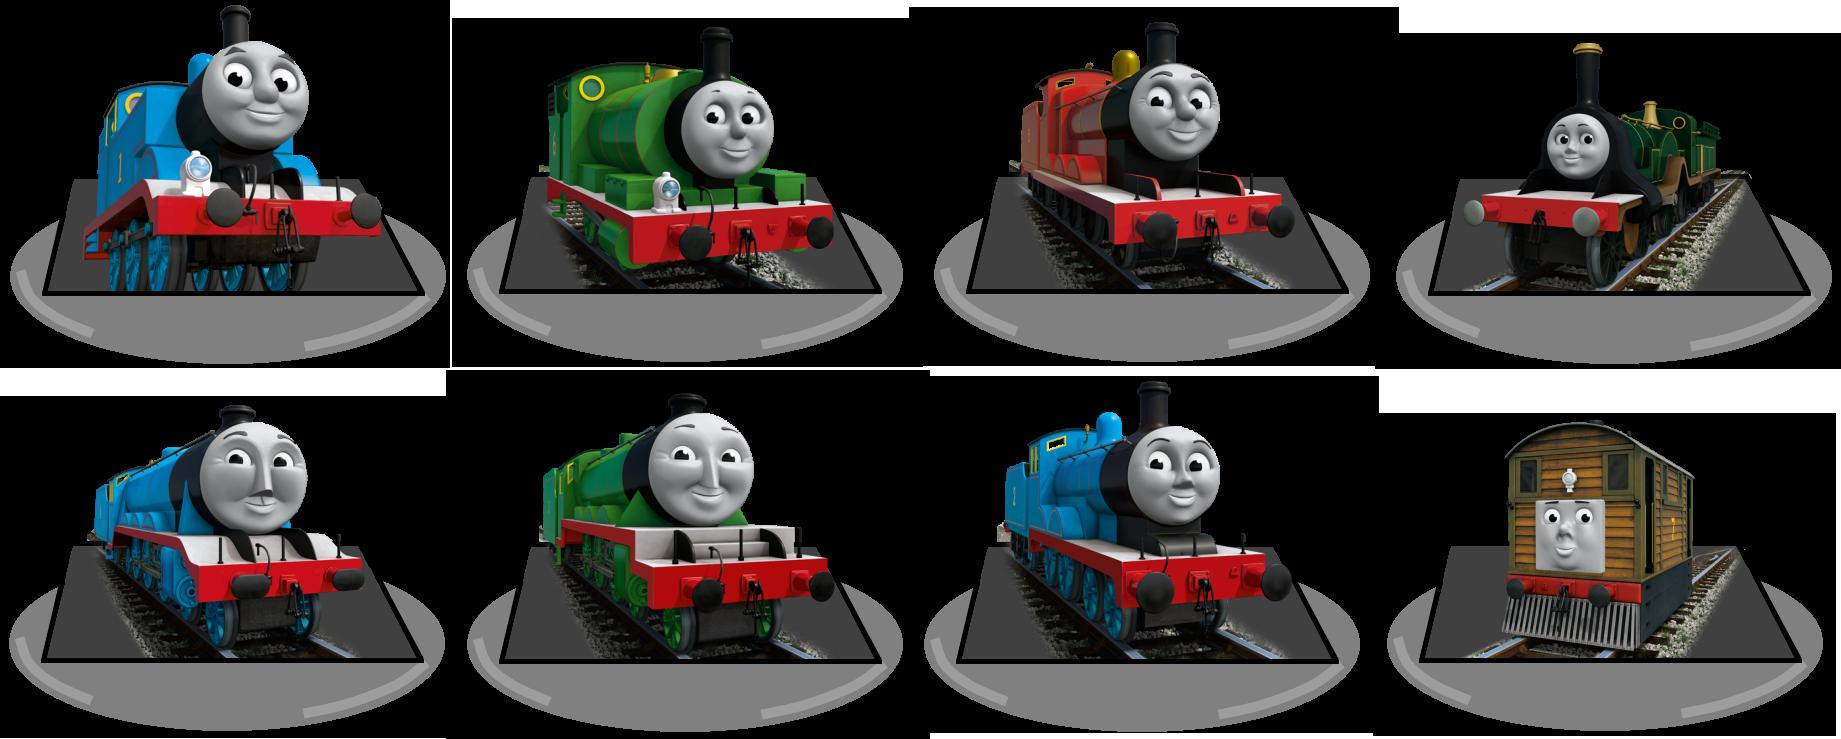 the original steam team - photo #11